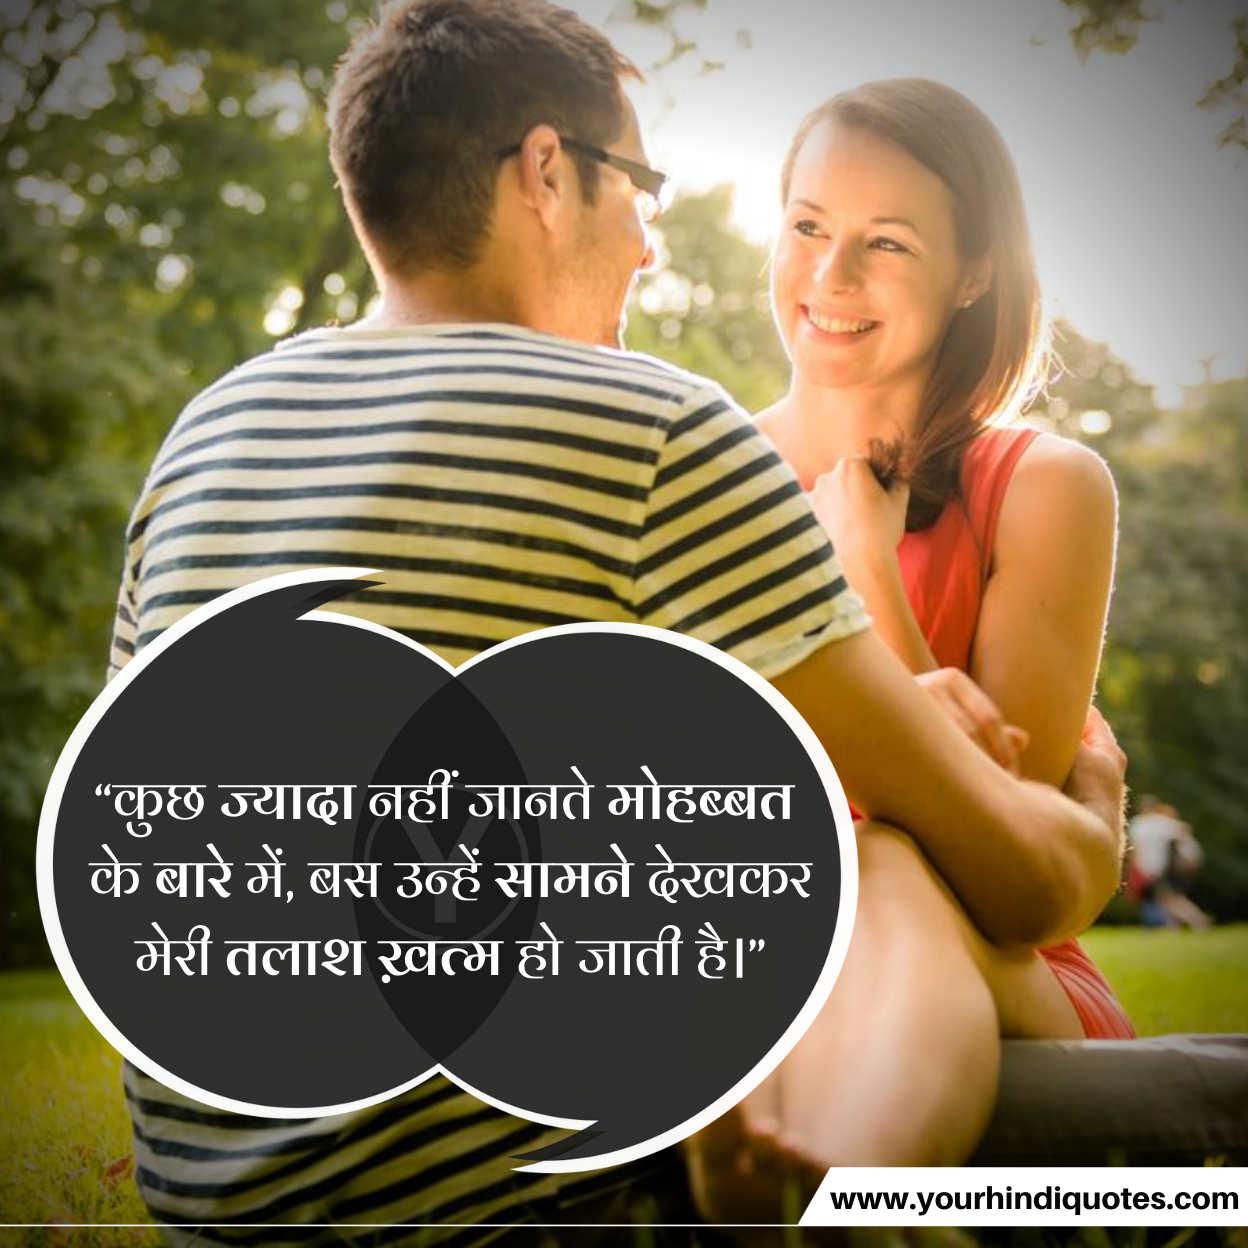 Love WhatsApp Hindi Status Picture